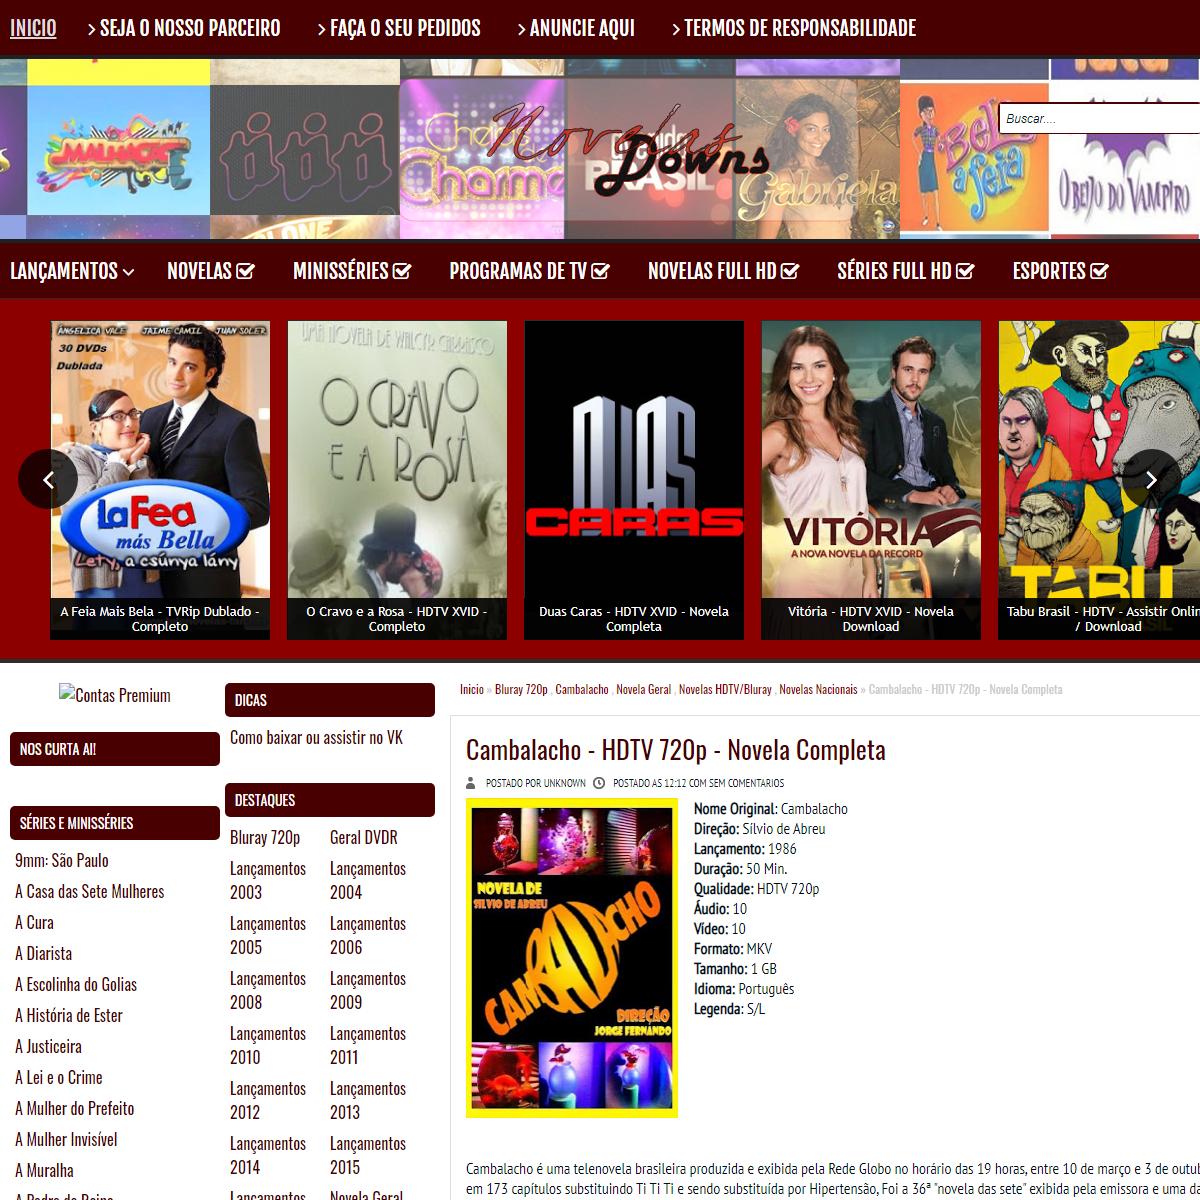 Cambalacho - HDTV 720p - Novela Completa - NovelaDowns